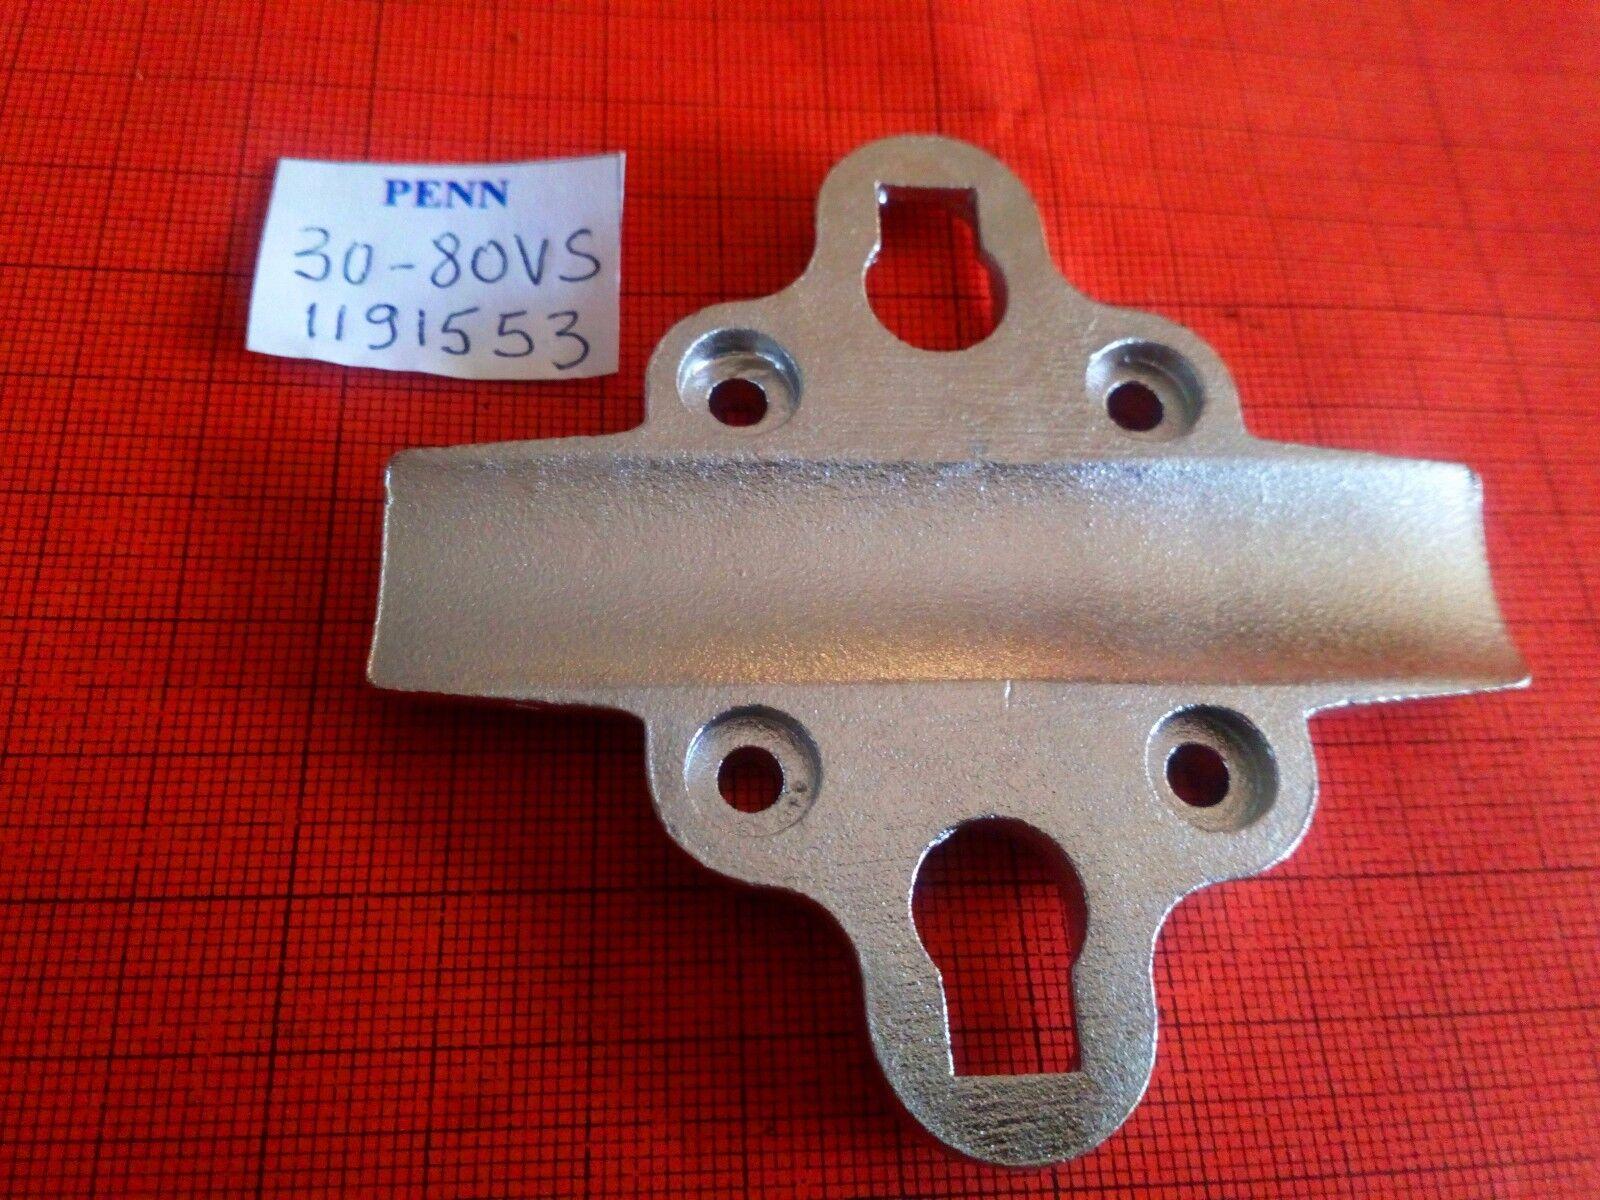 REEL PEZZO 30-80VS STAND MONETA MULINELLO PENN INTERNATIONAL 80SVW